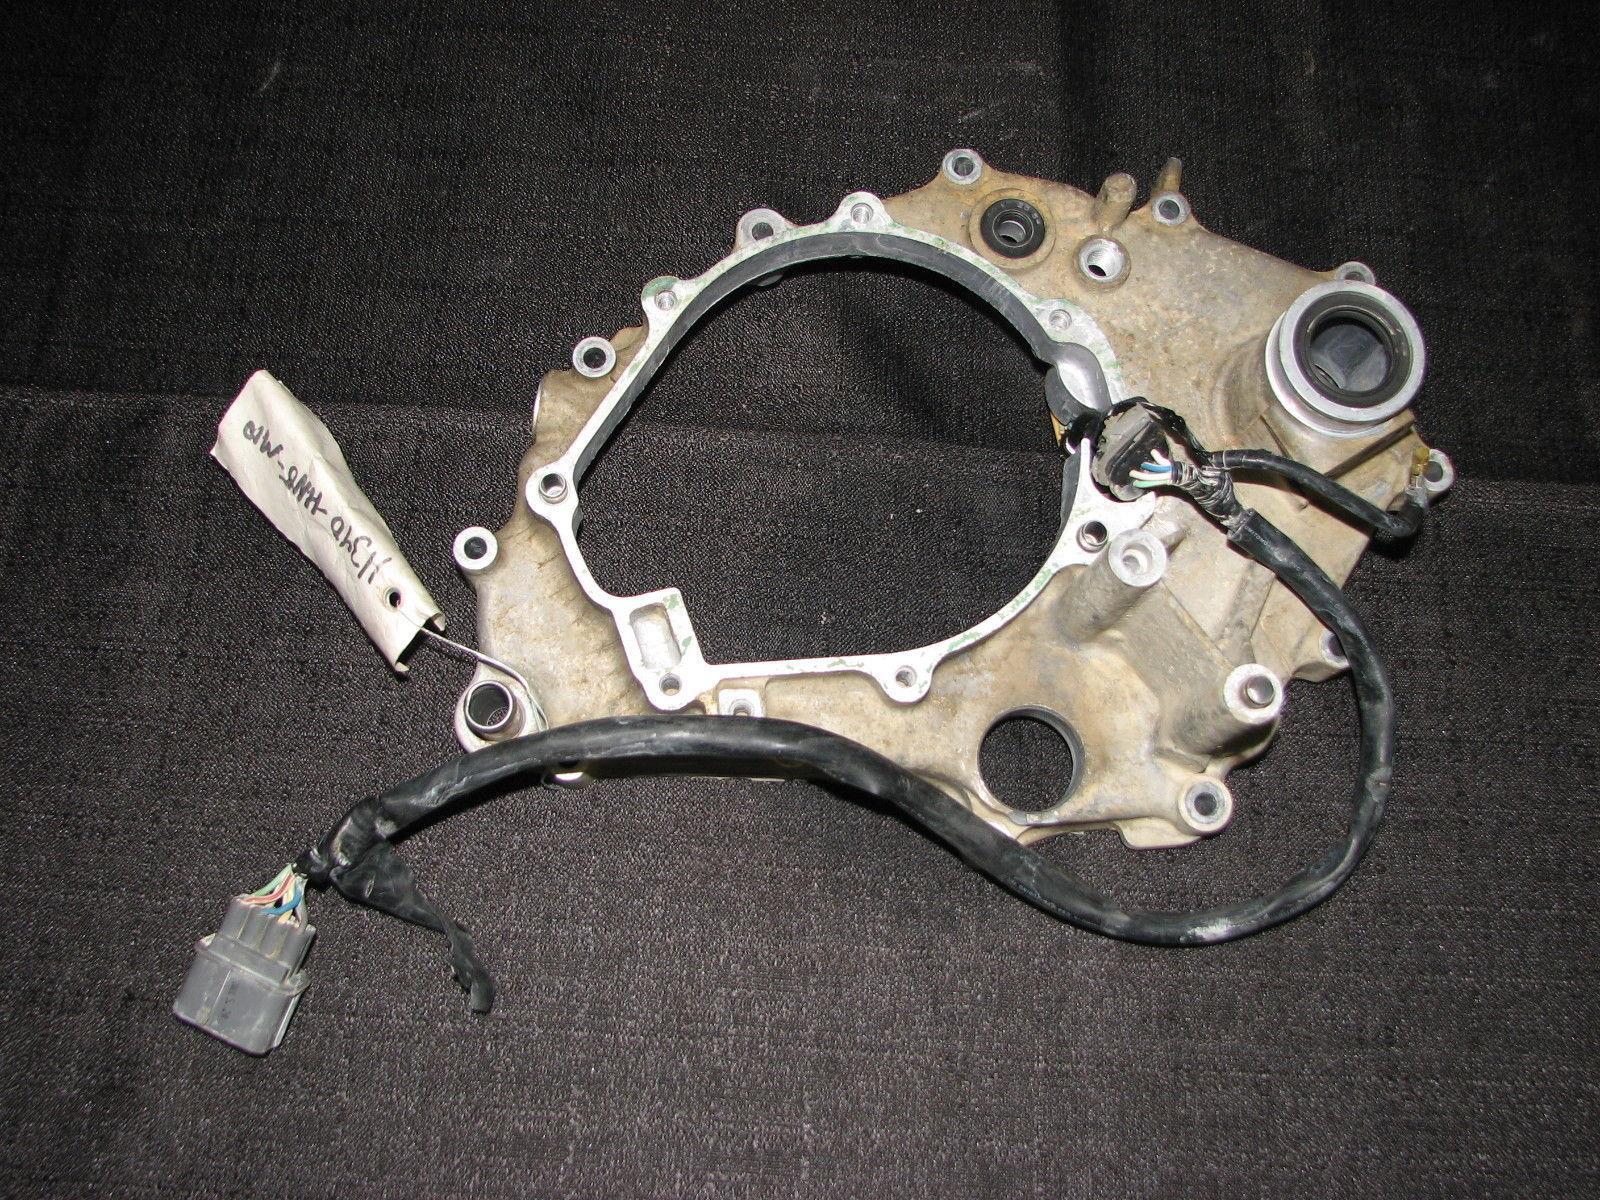 Diagram Of Honda Atv Parts 2006 Trx350fe A Rear Crankcase Cover